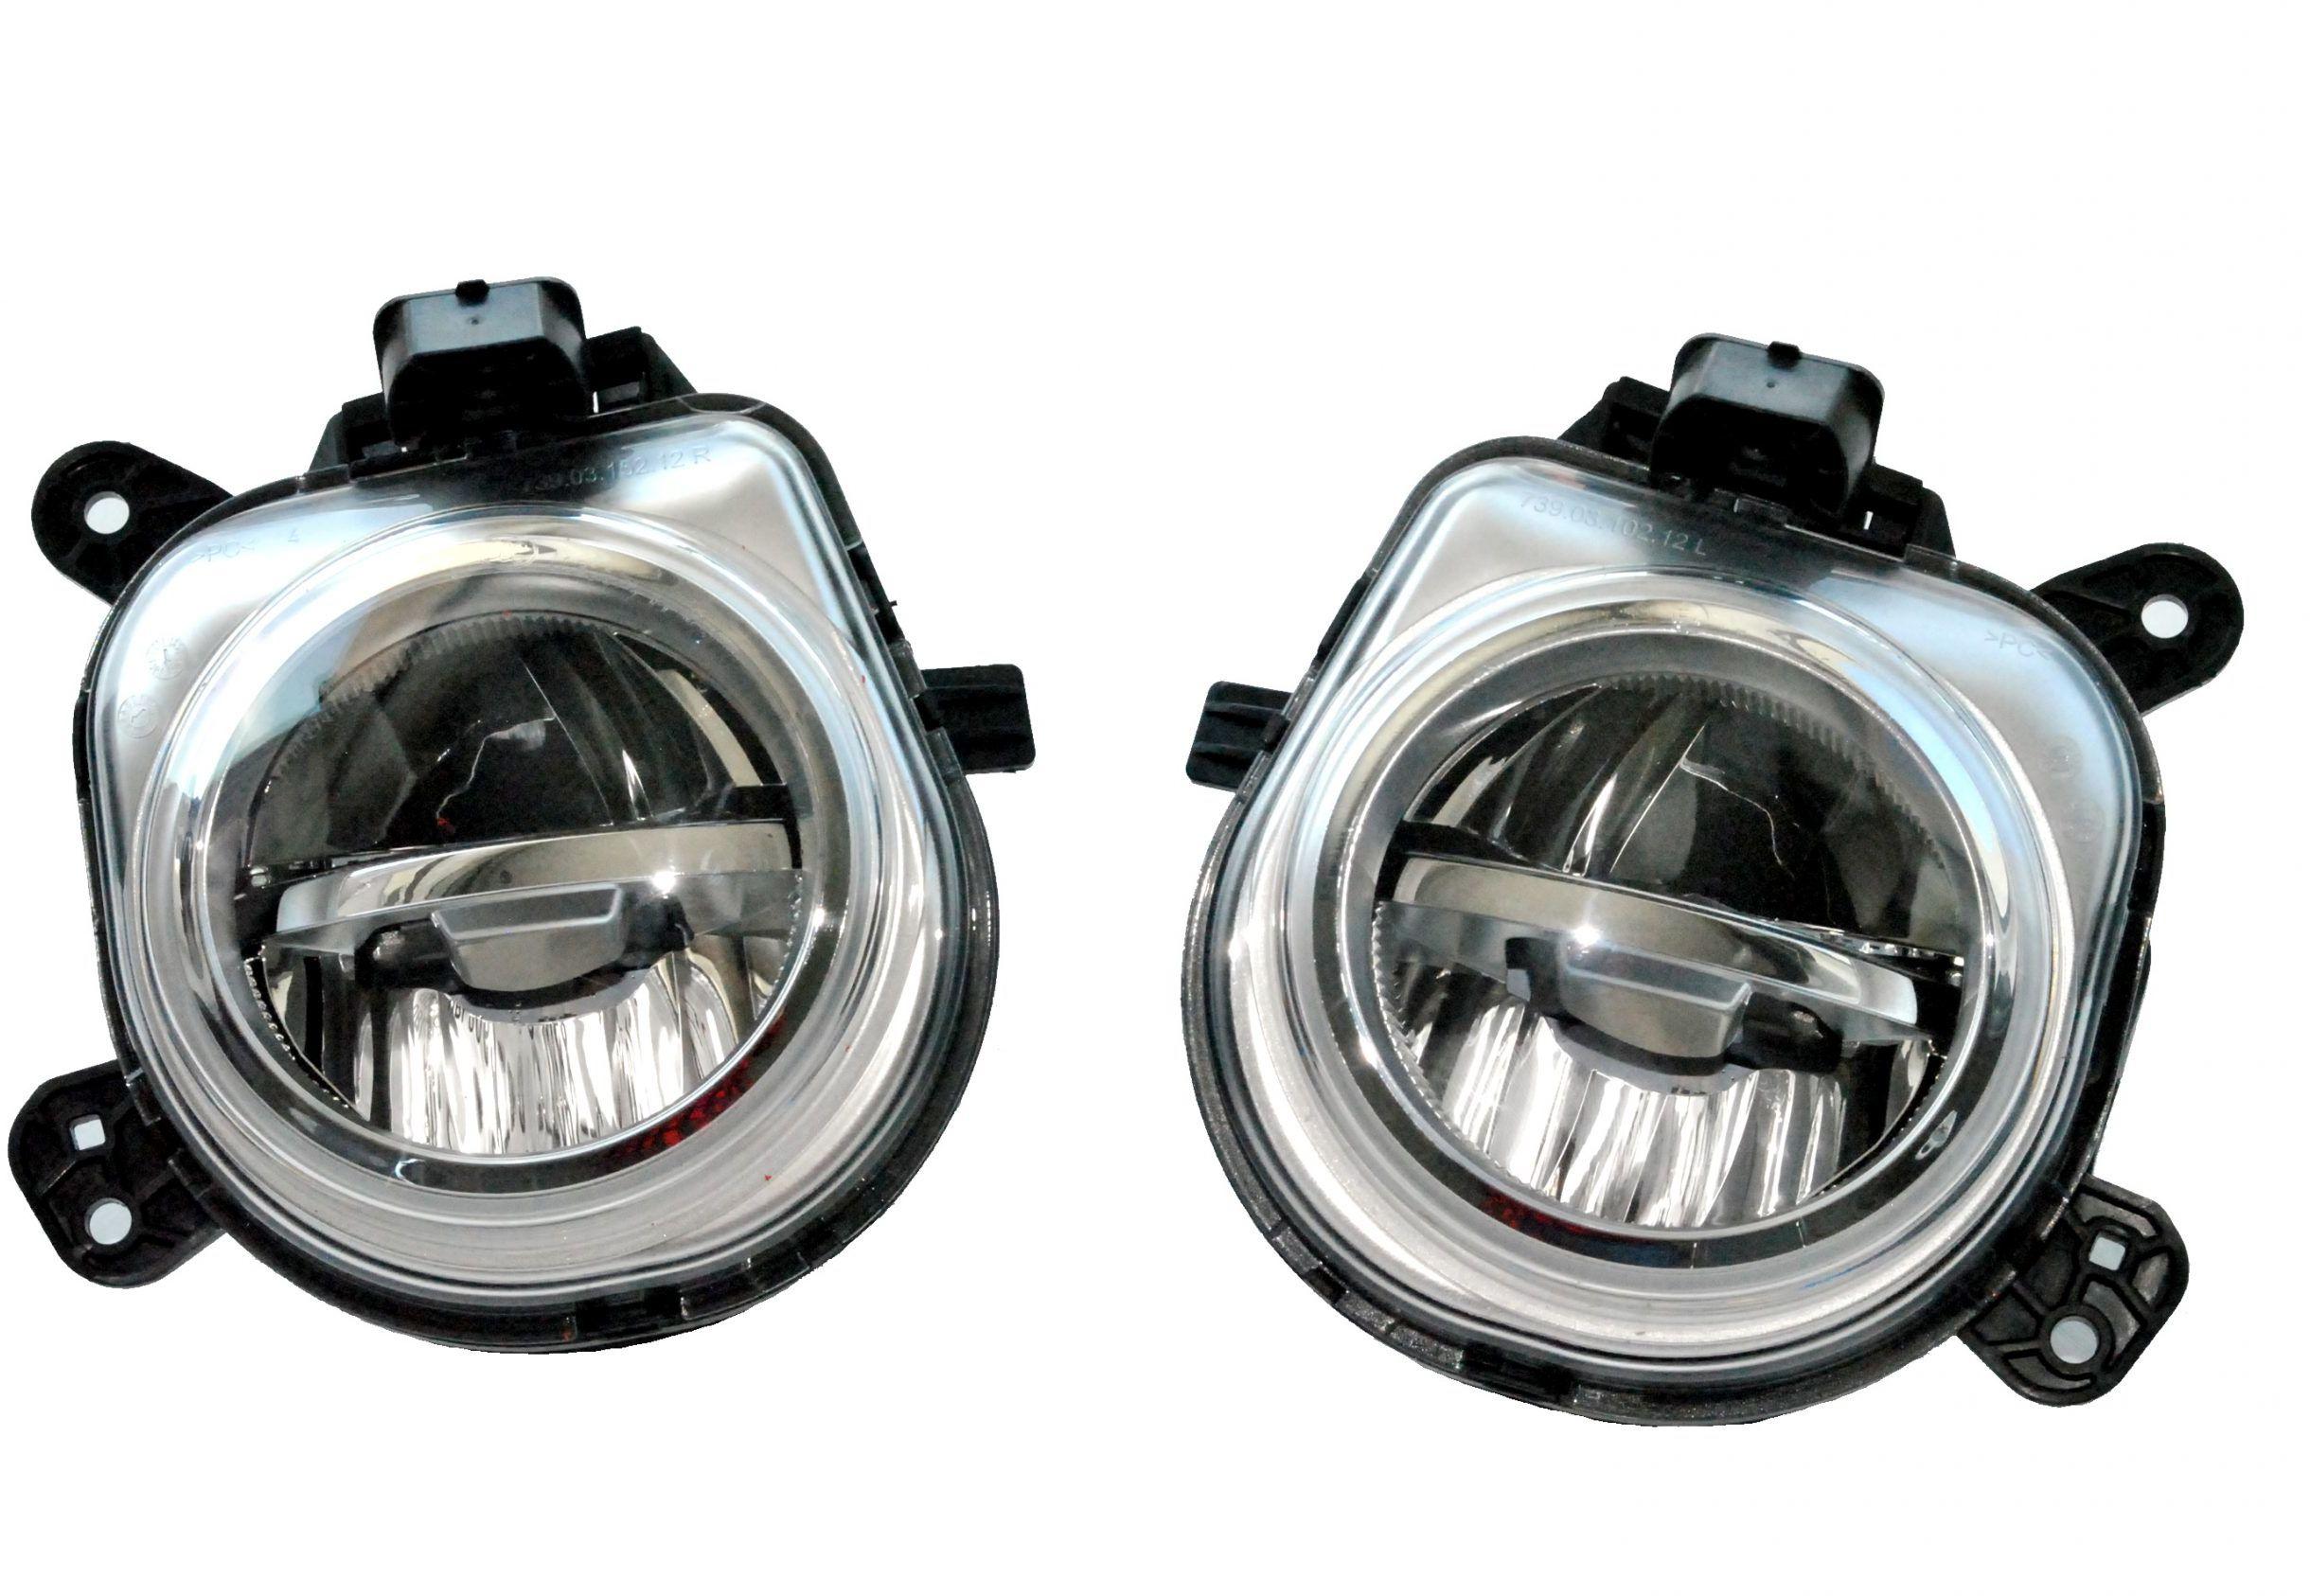 2x Nowe Oryginalne Halogeny LED Fog BMW X2 F39 7444805